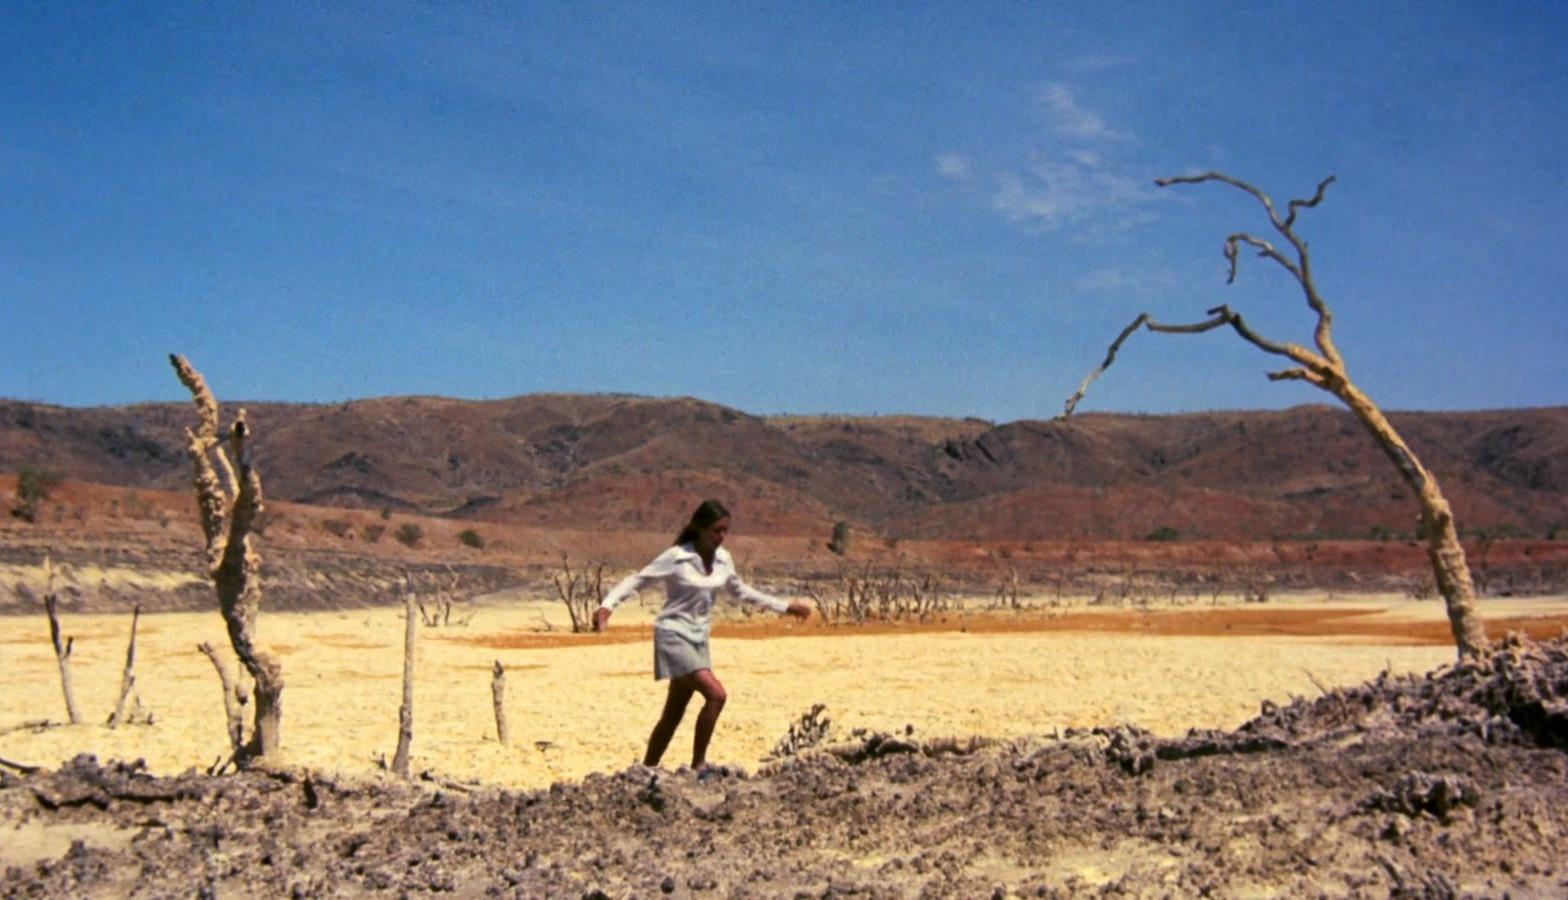 ¿Ultima peli que habeis visto? - Página 93 Walkabout_1971-Nicolas-Roeg-Outback-Landscapes